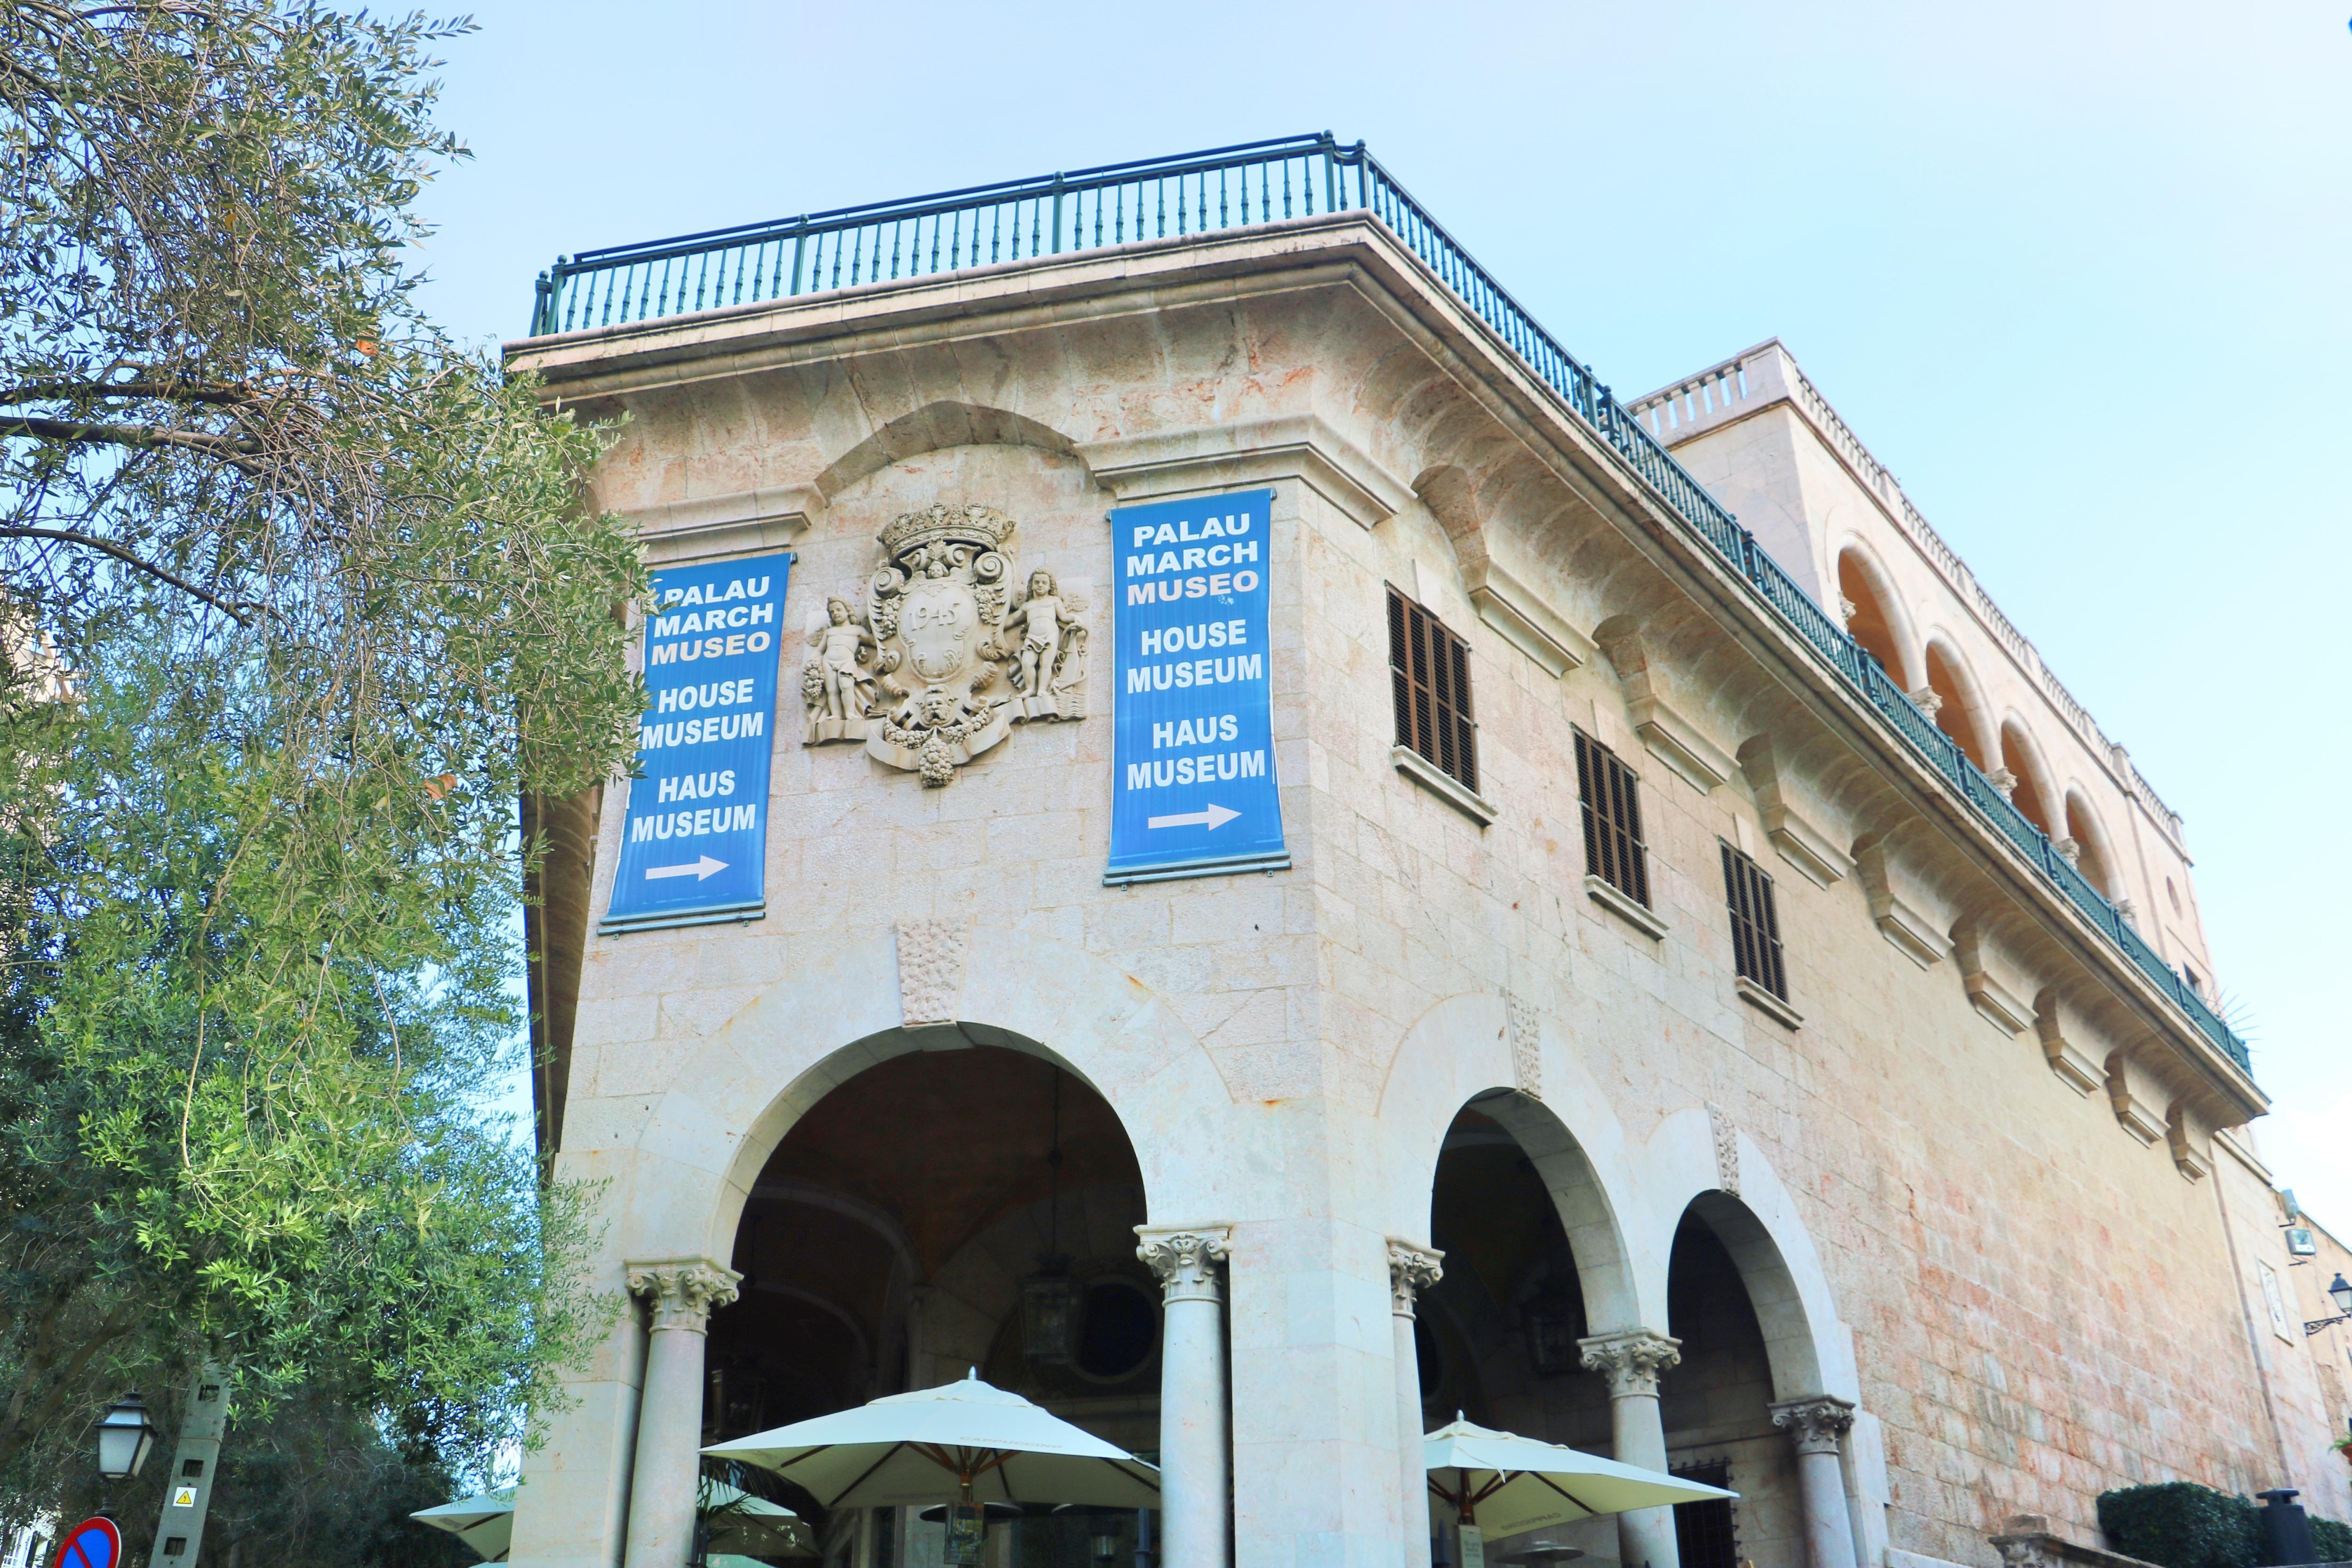 Palau March Museu